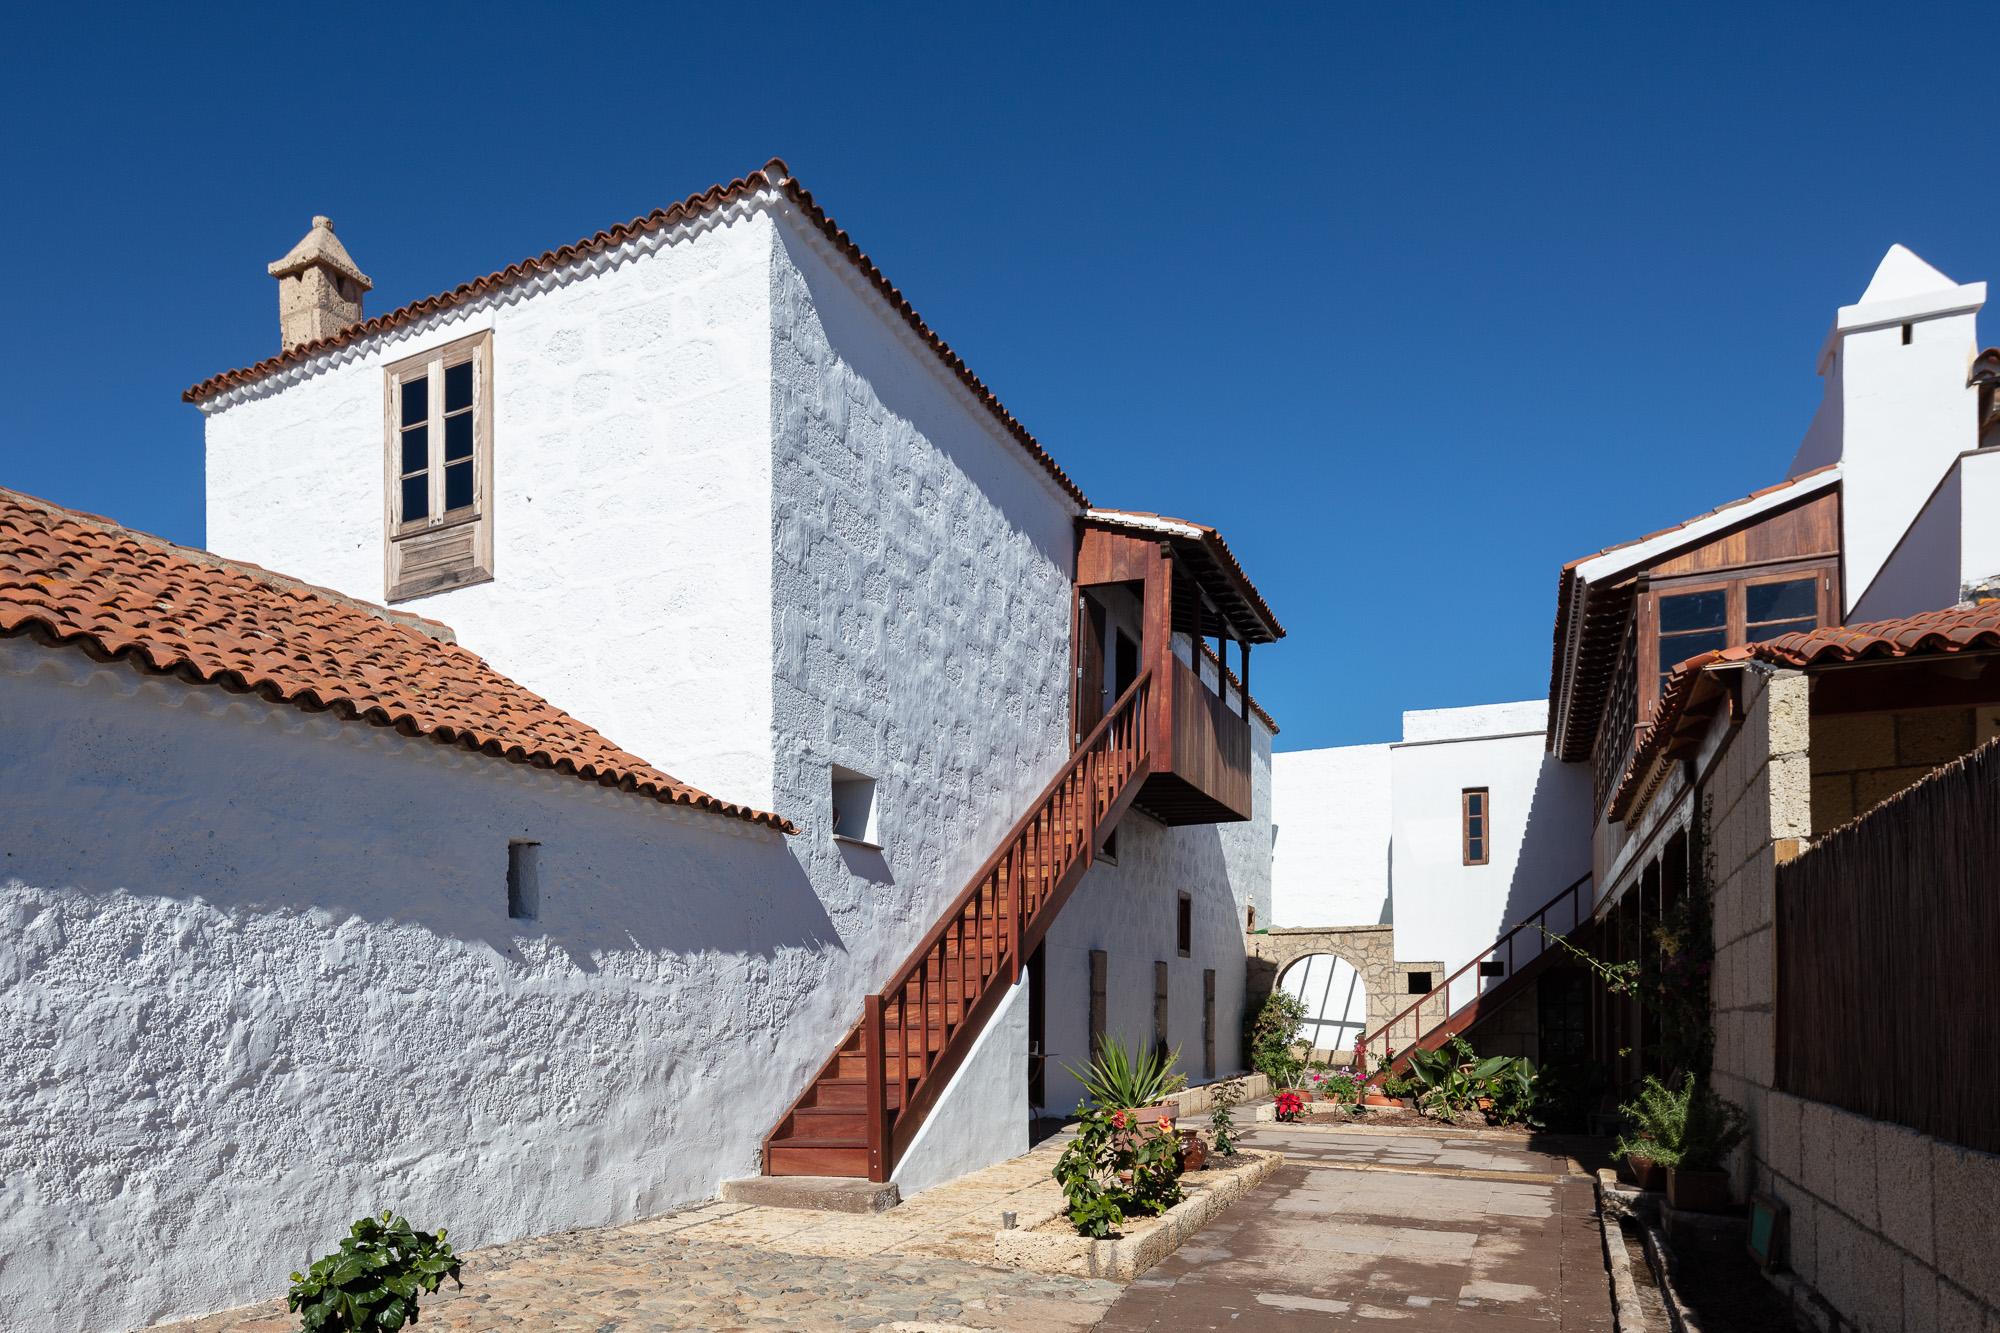 El Sitio de la Casa - Alojamiento - Casa Rural - Arico Nuevo - Tenerife Sur